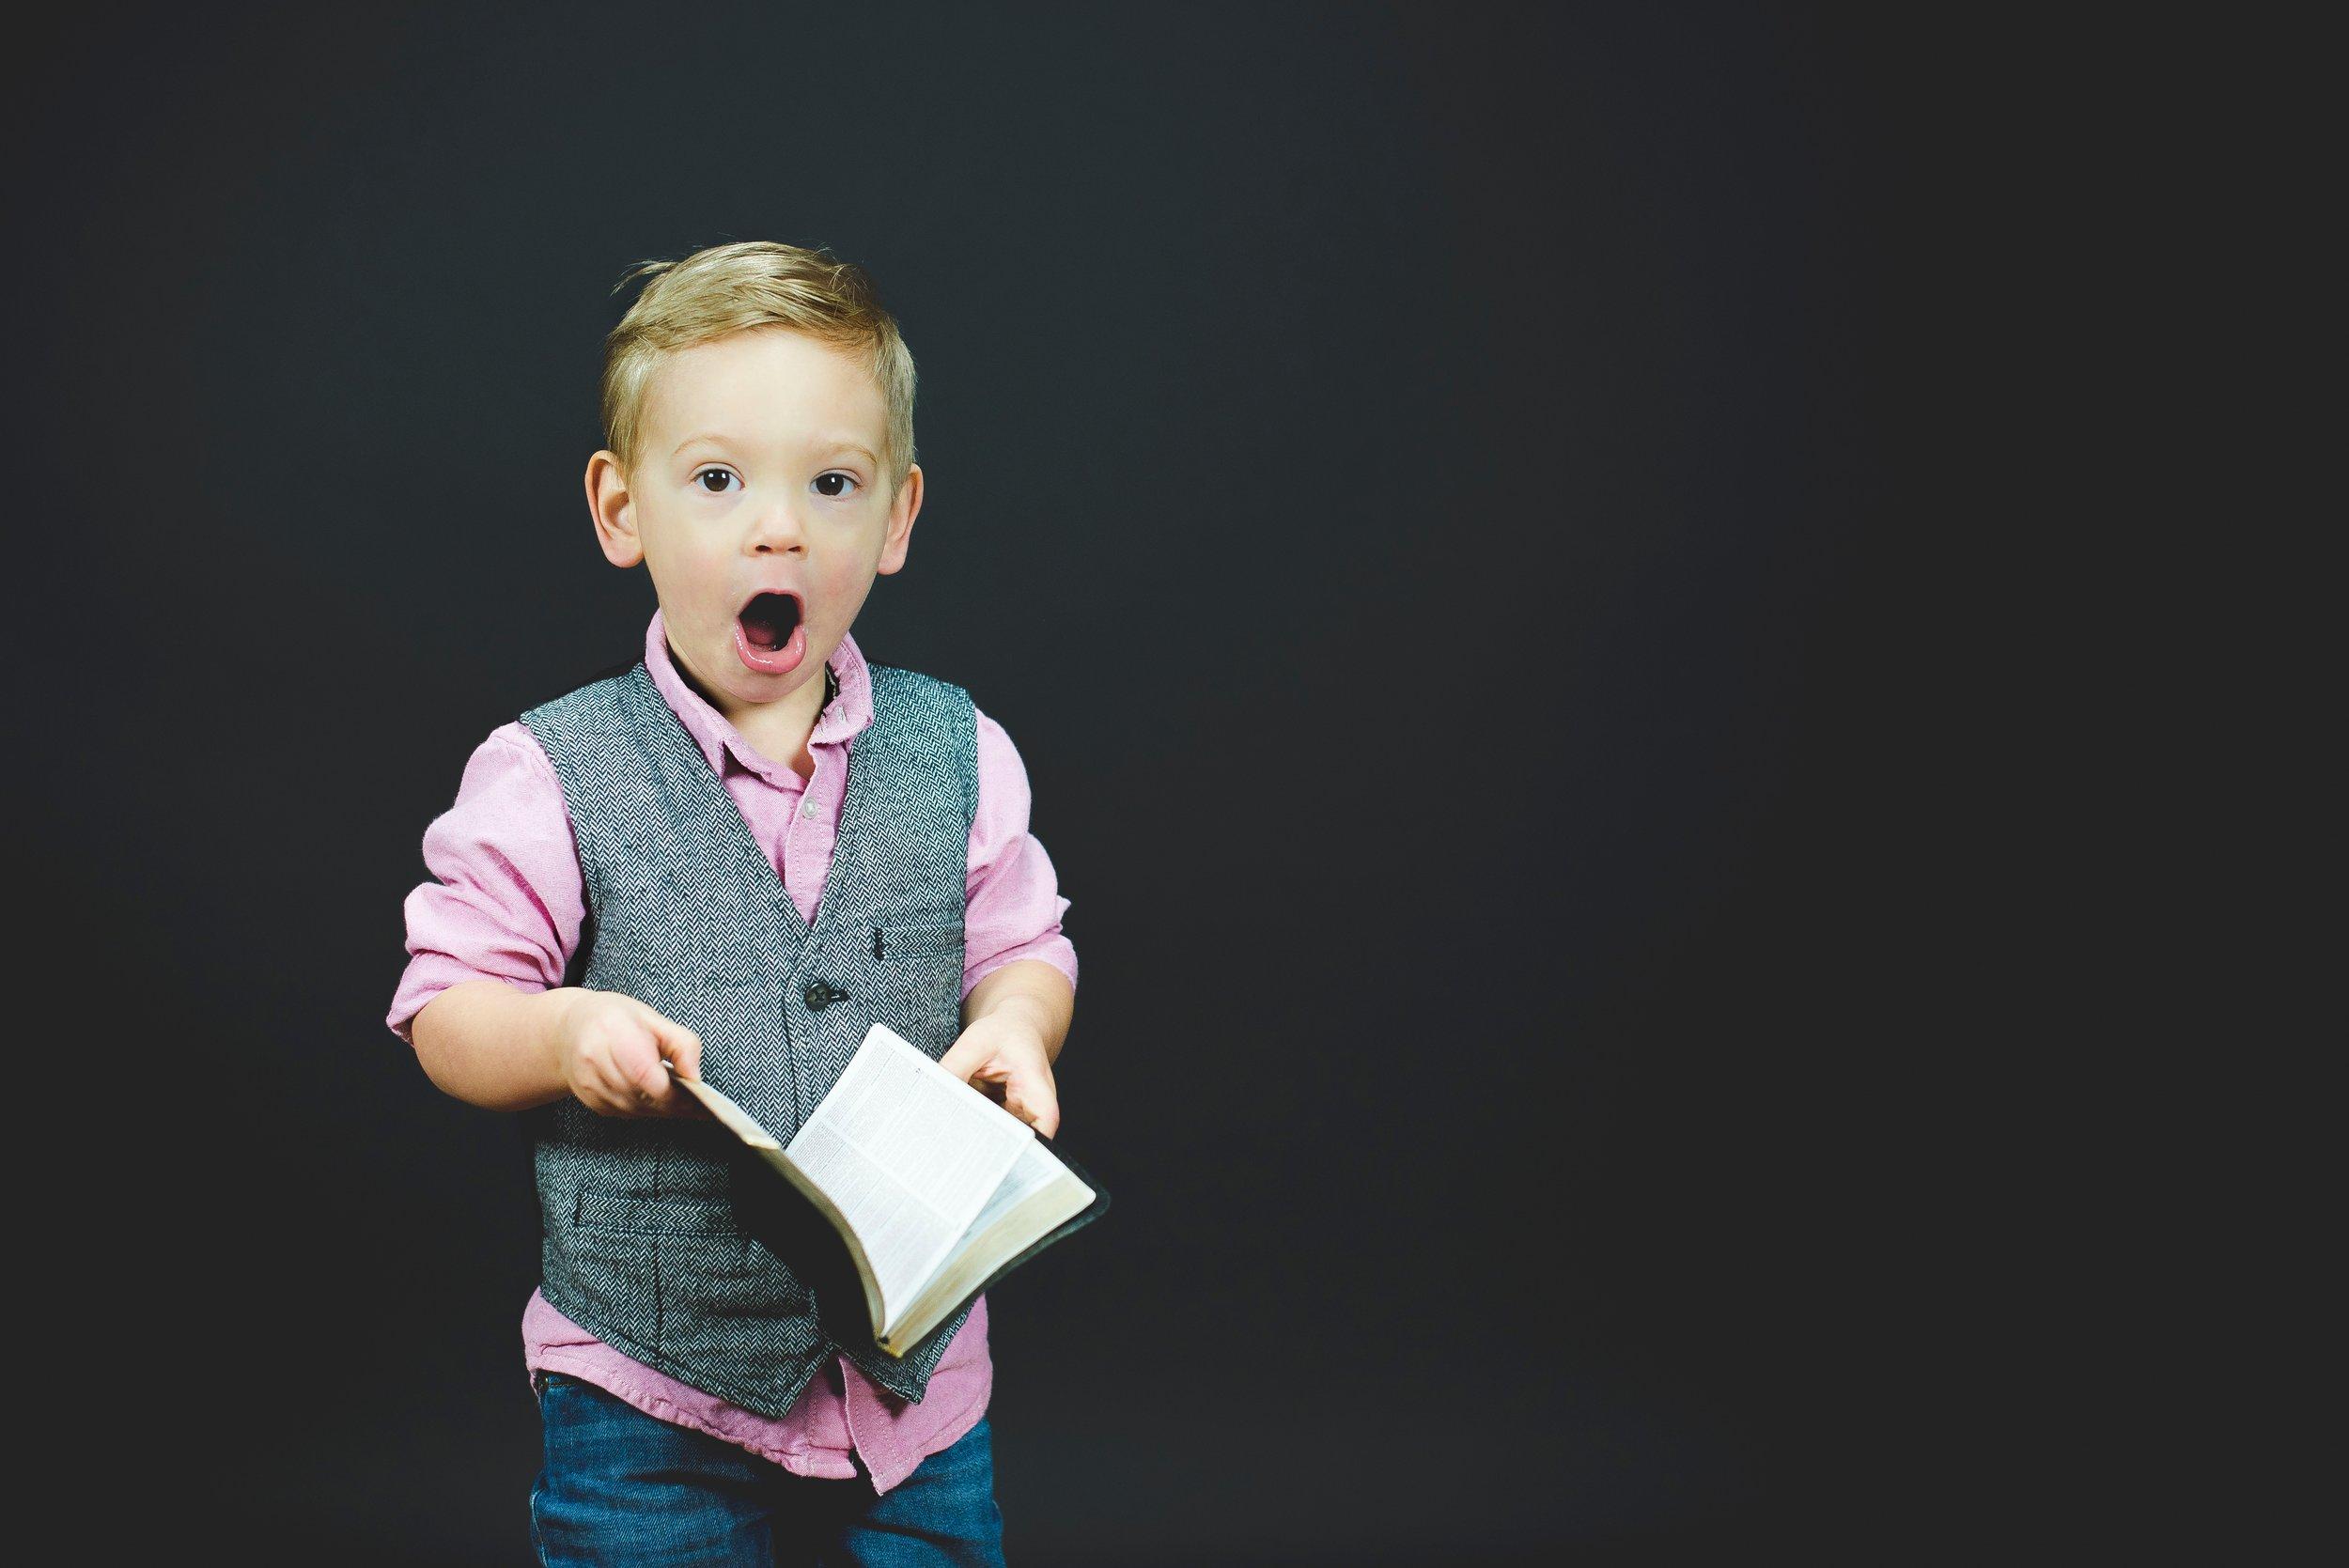 Spennende fortellinger er en viktig motivasjonsfaktor, ifølge forskere ved OsloMet.